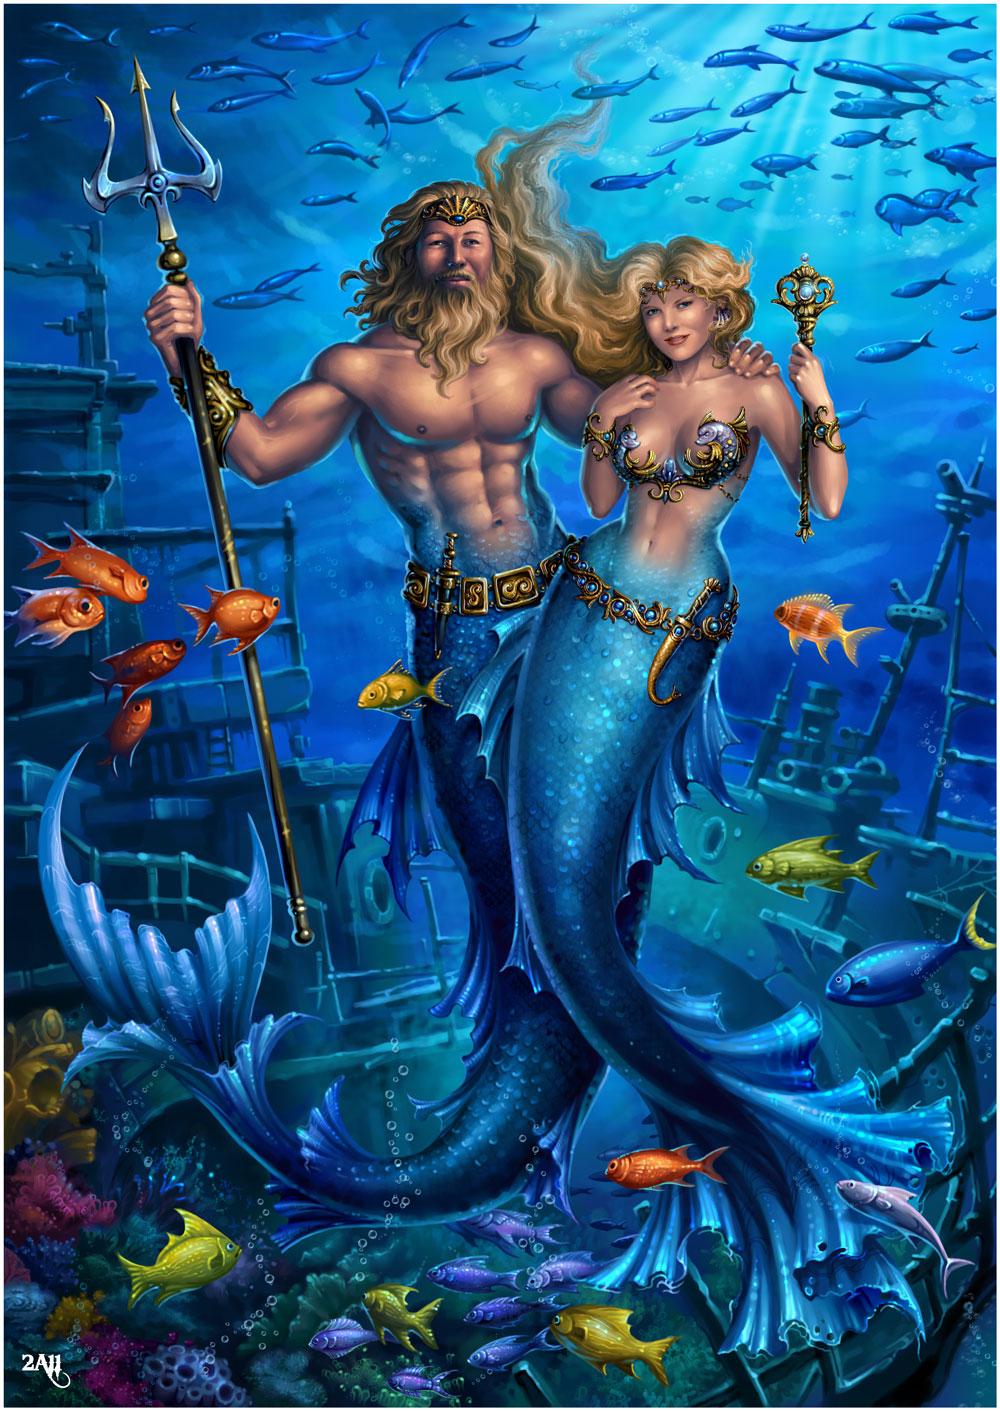 Костюмированное поздравление для юбиляра от Нептуна и Русалок / Веселое 87